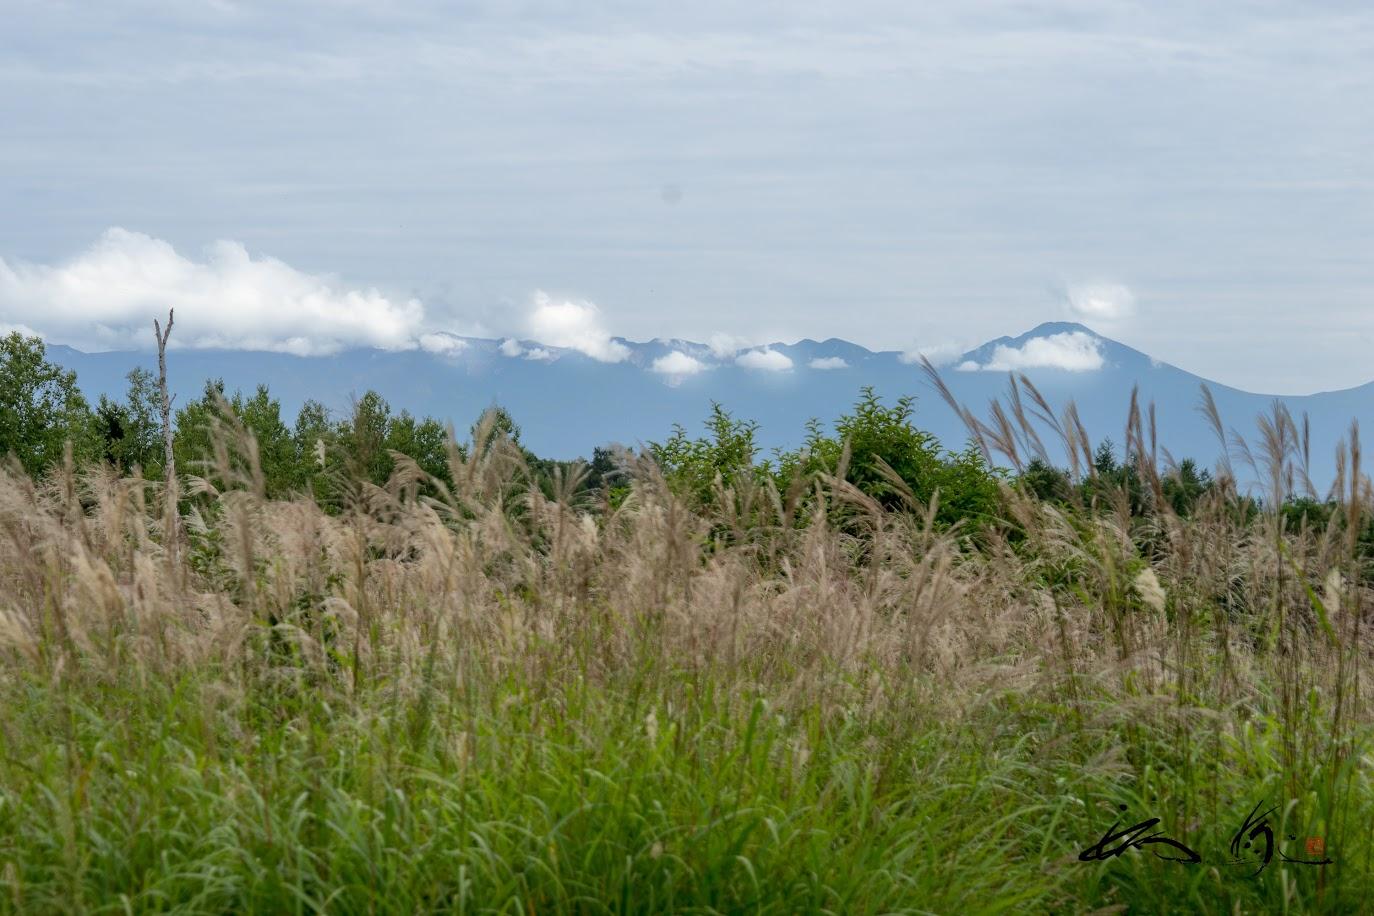 大雪山の山々を望む風景